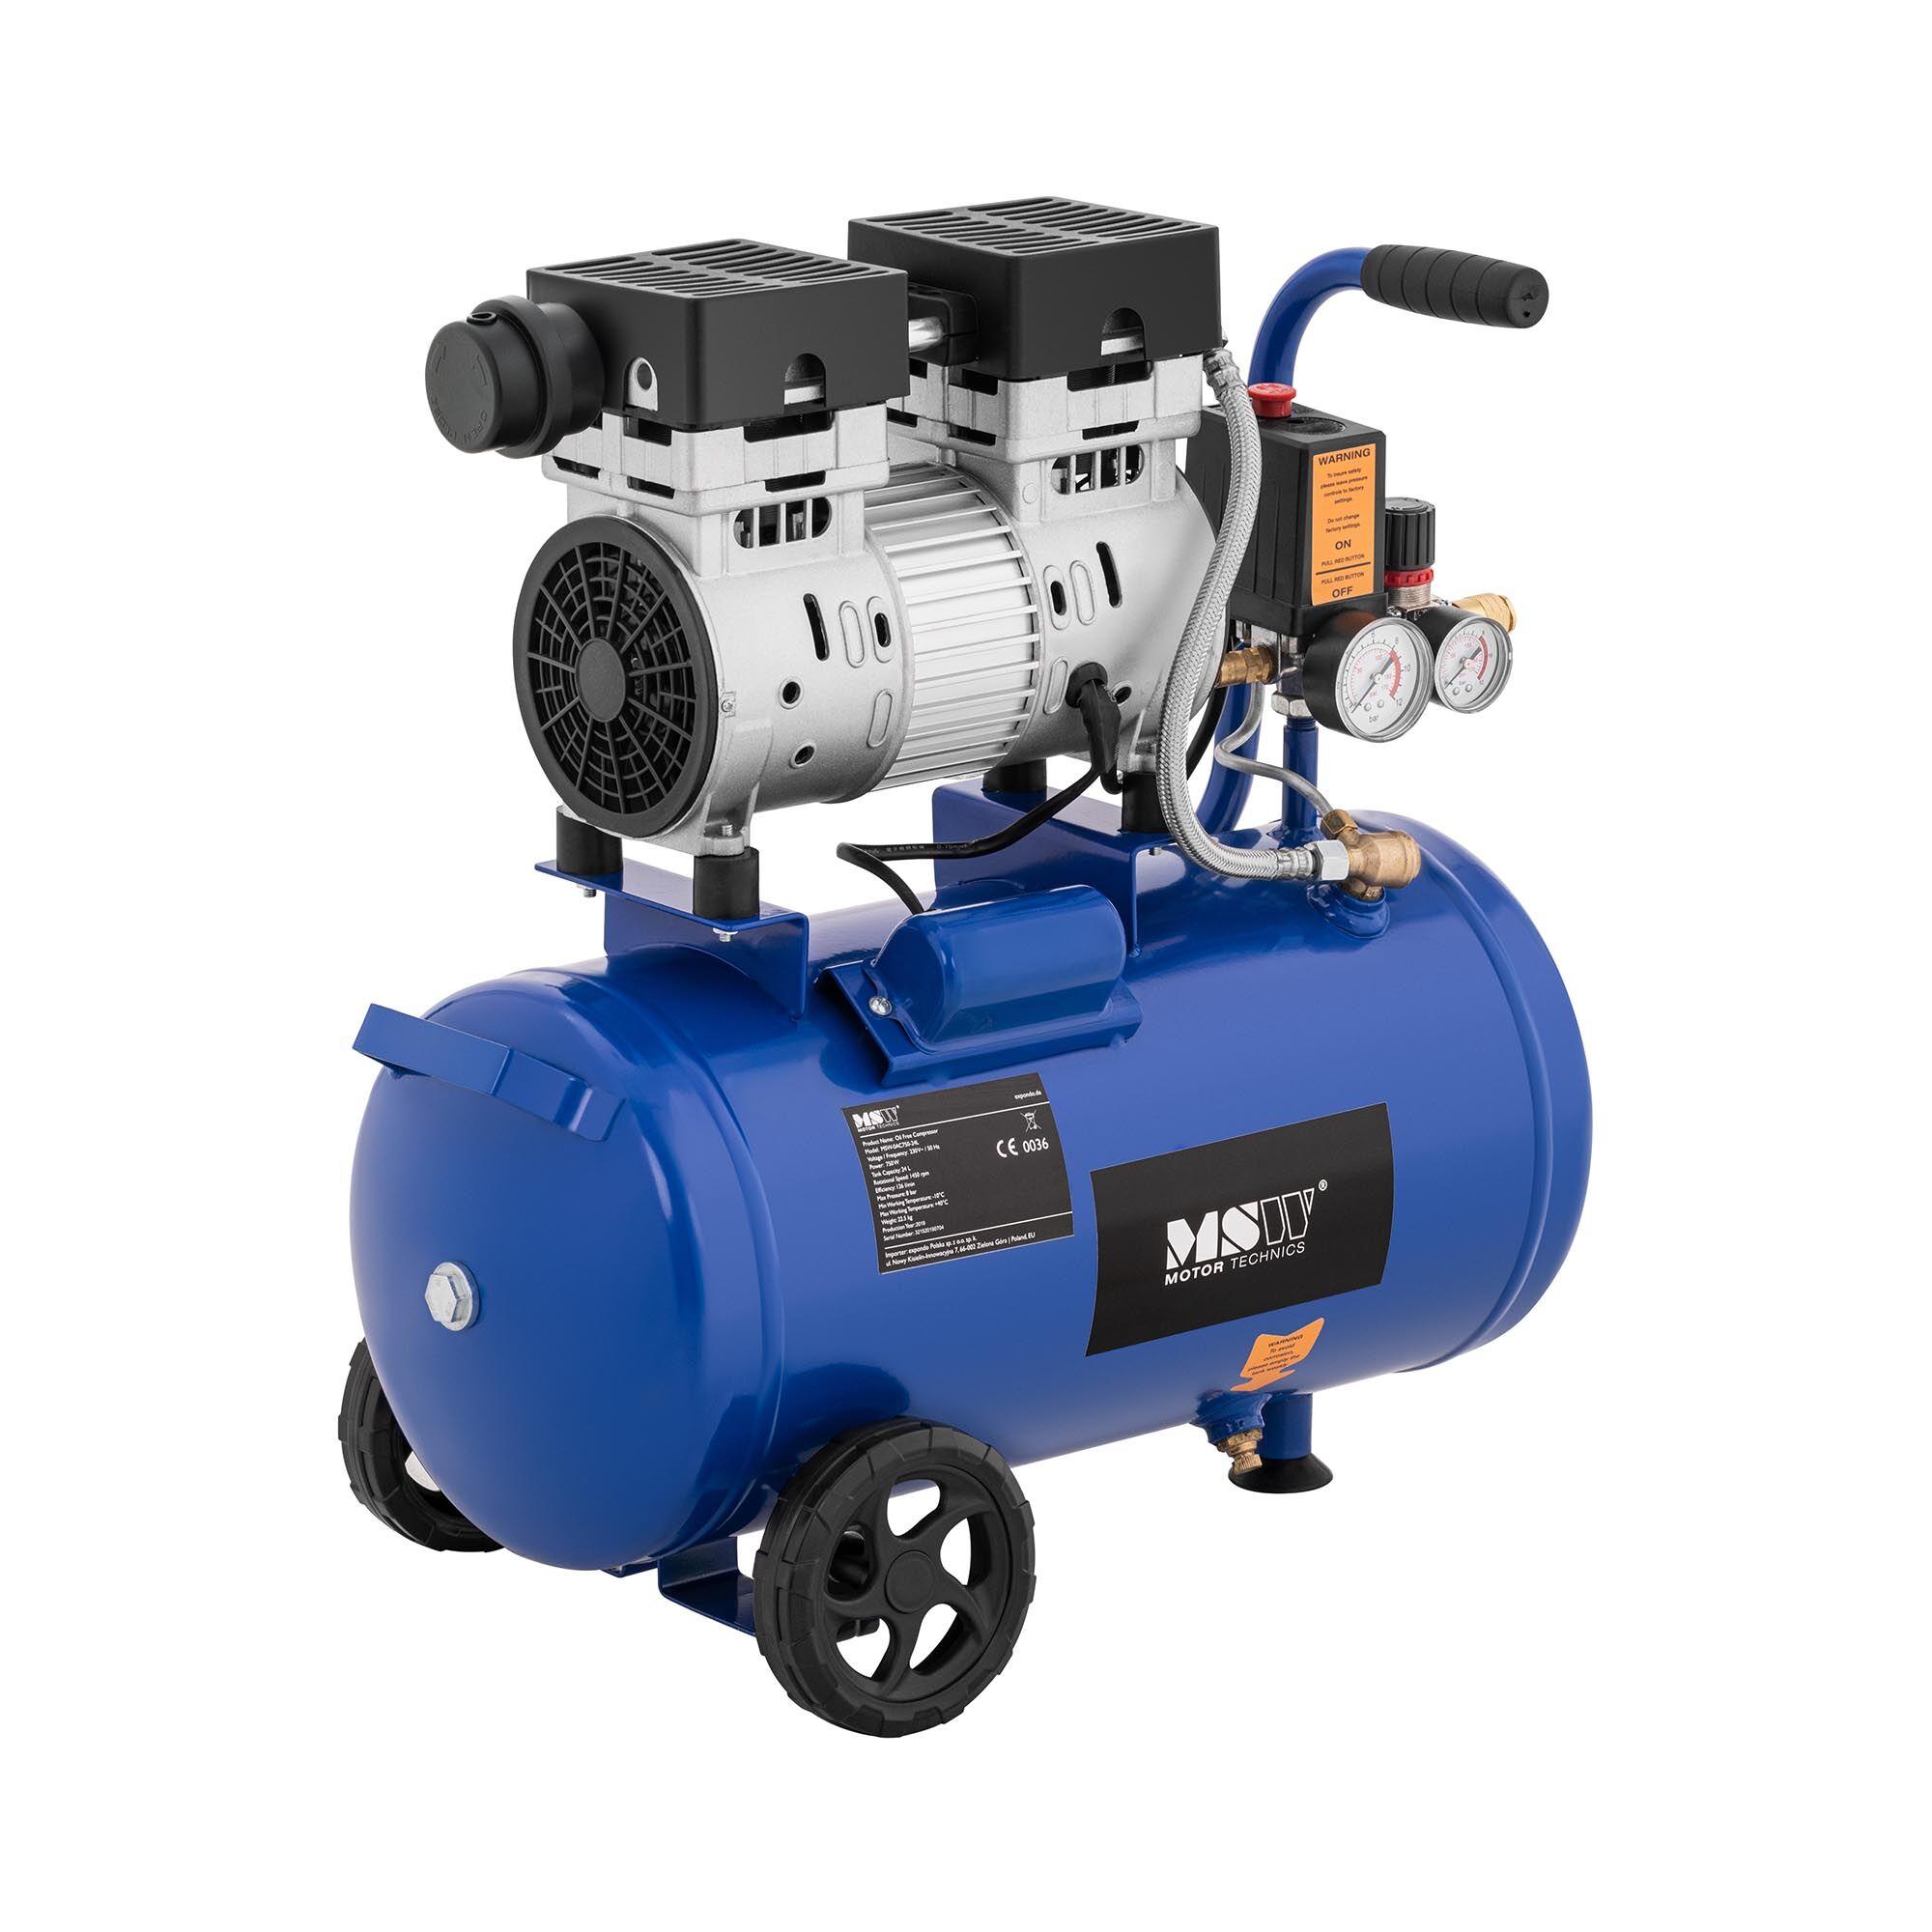 MSW Compressore senza olio - 24 L - 750 W -0AC750-24L